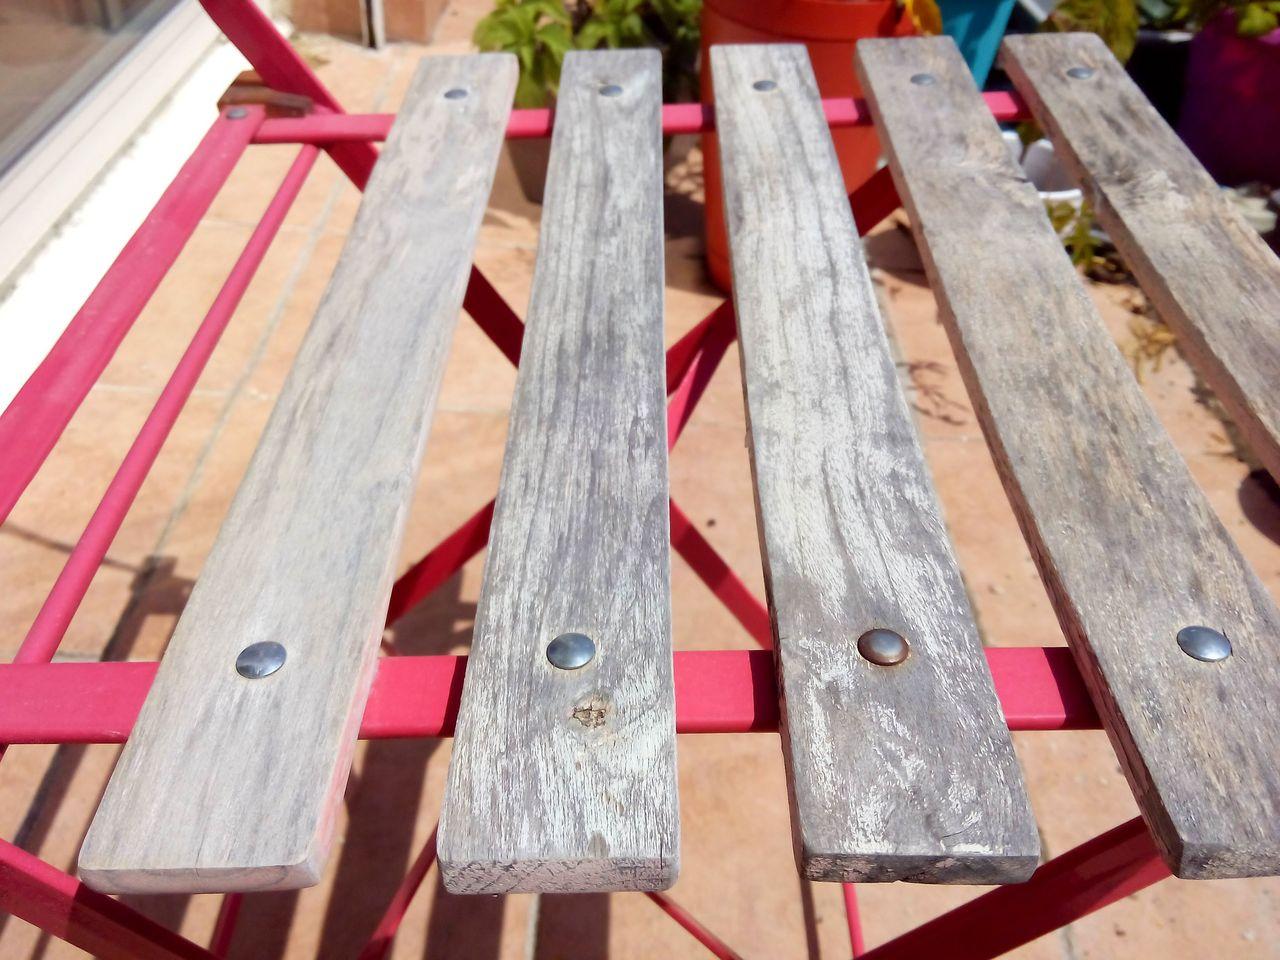 Comment Decaper Des Chaises En Bois retaper au lieu de jeter : la chaise de jardin en bois